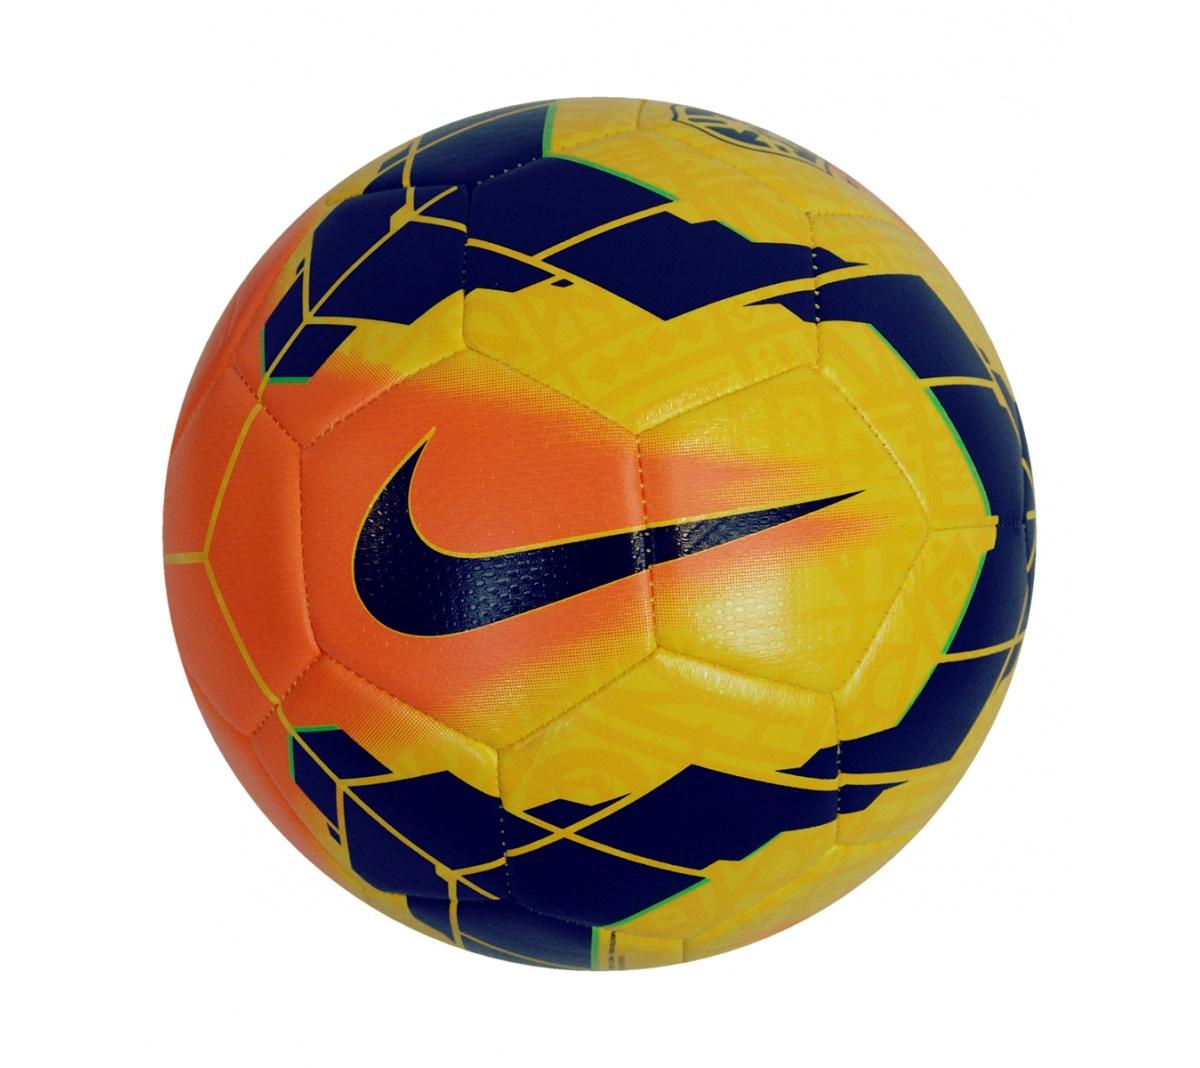 891644d0ba3f0 Bola Nike Menor CBF Futsal 2014 Bola Nike Menor CBF Futsal 2014 ...